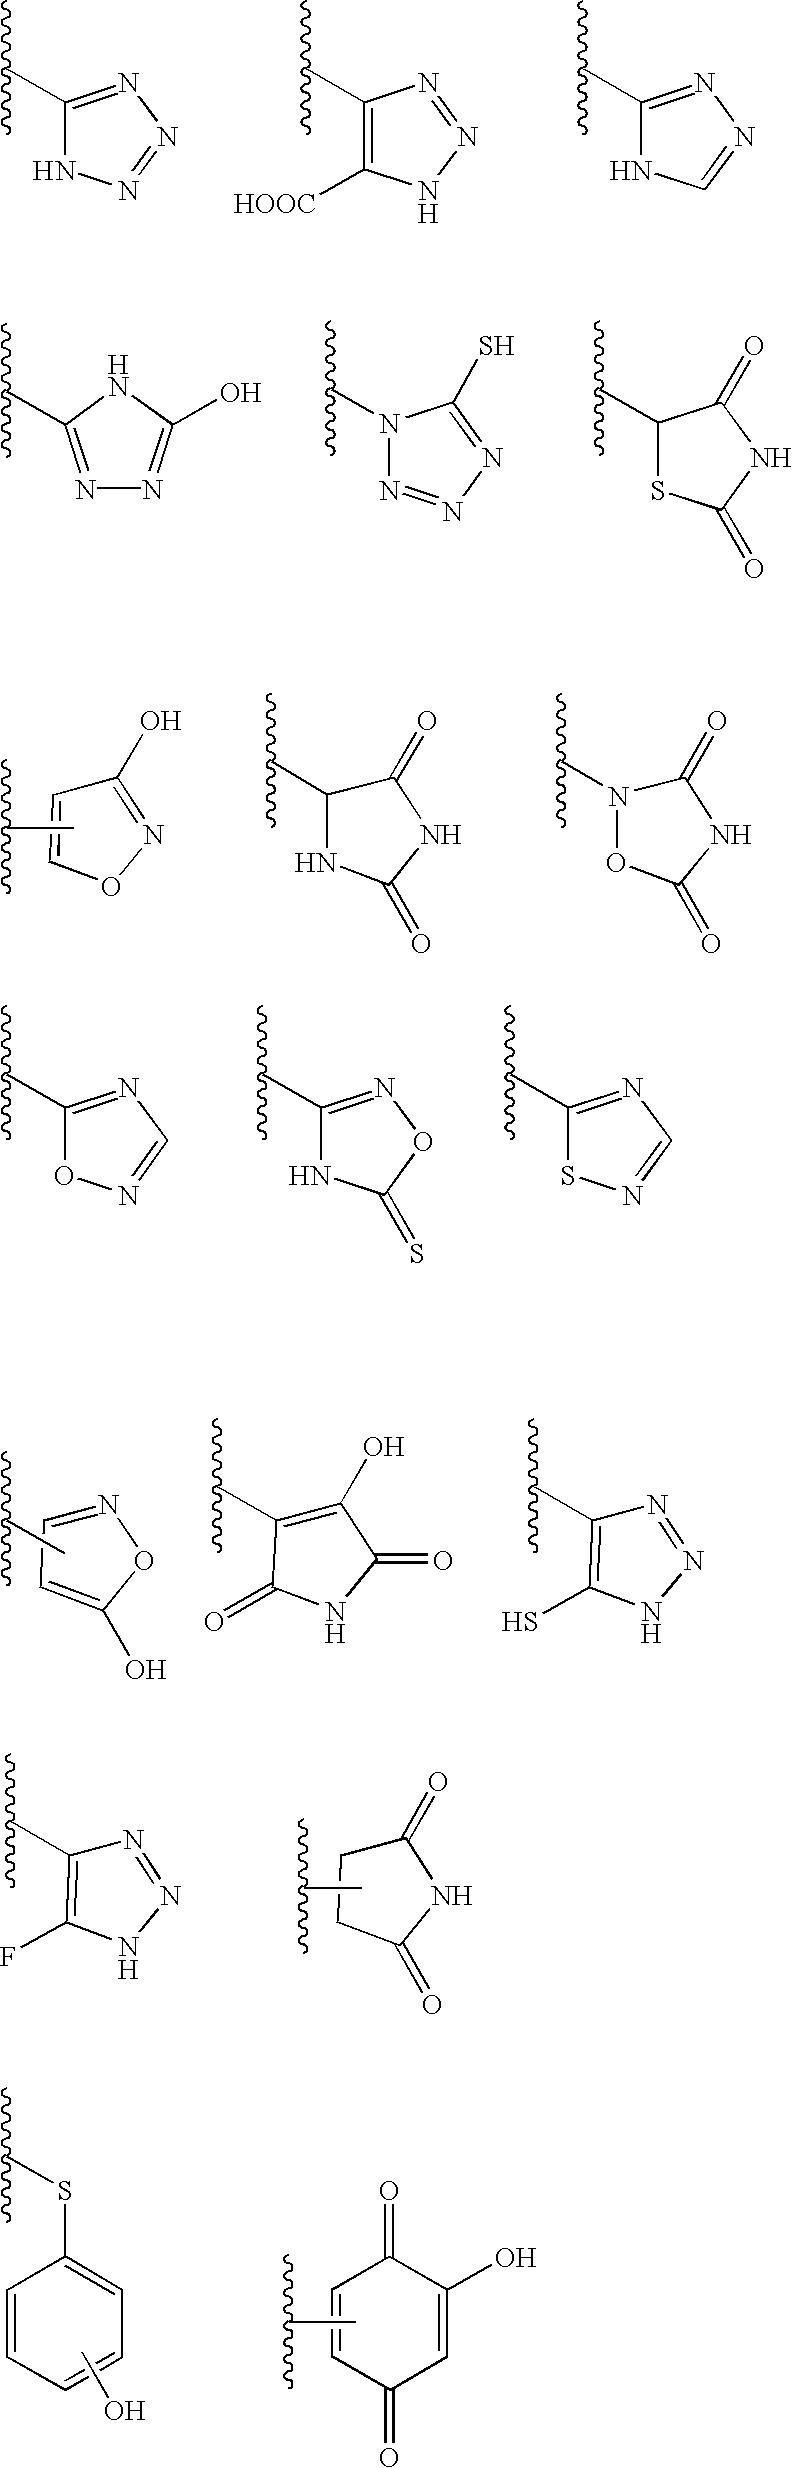 Figure US20030203890A1-20031030-C00181